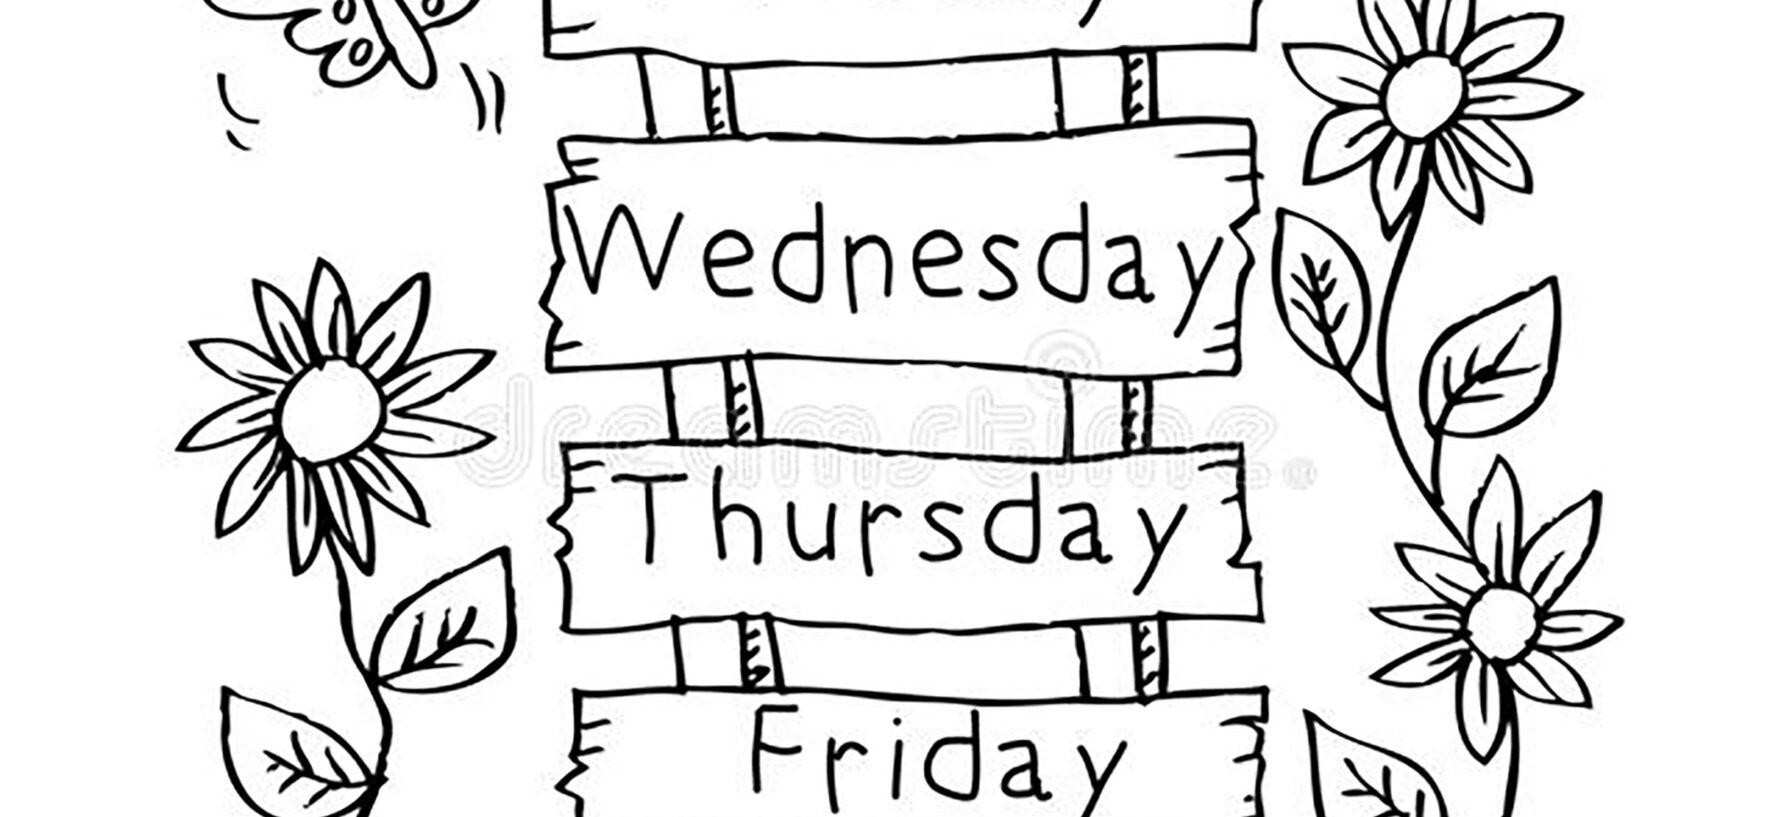 I giorni della settimana in inglese da colorare